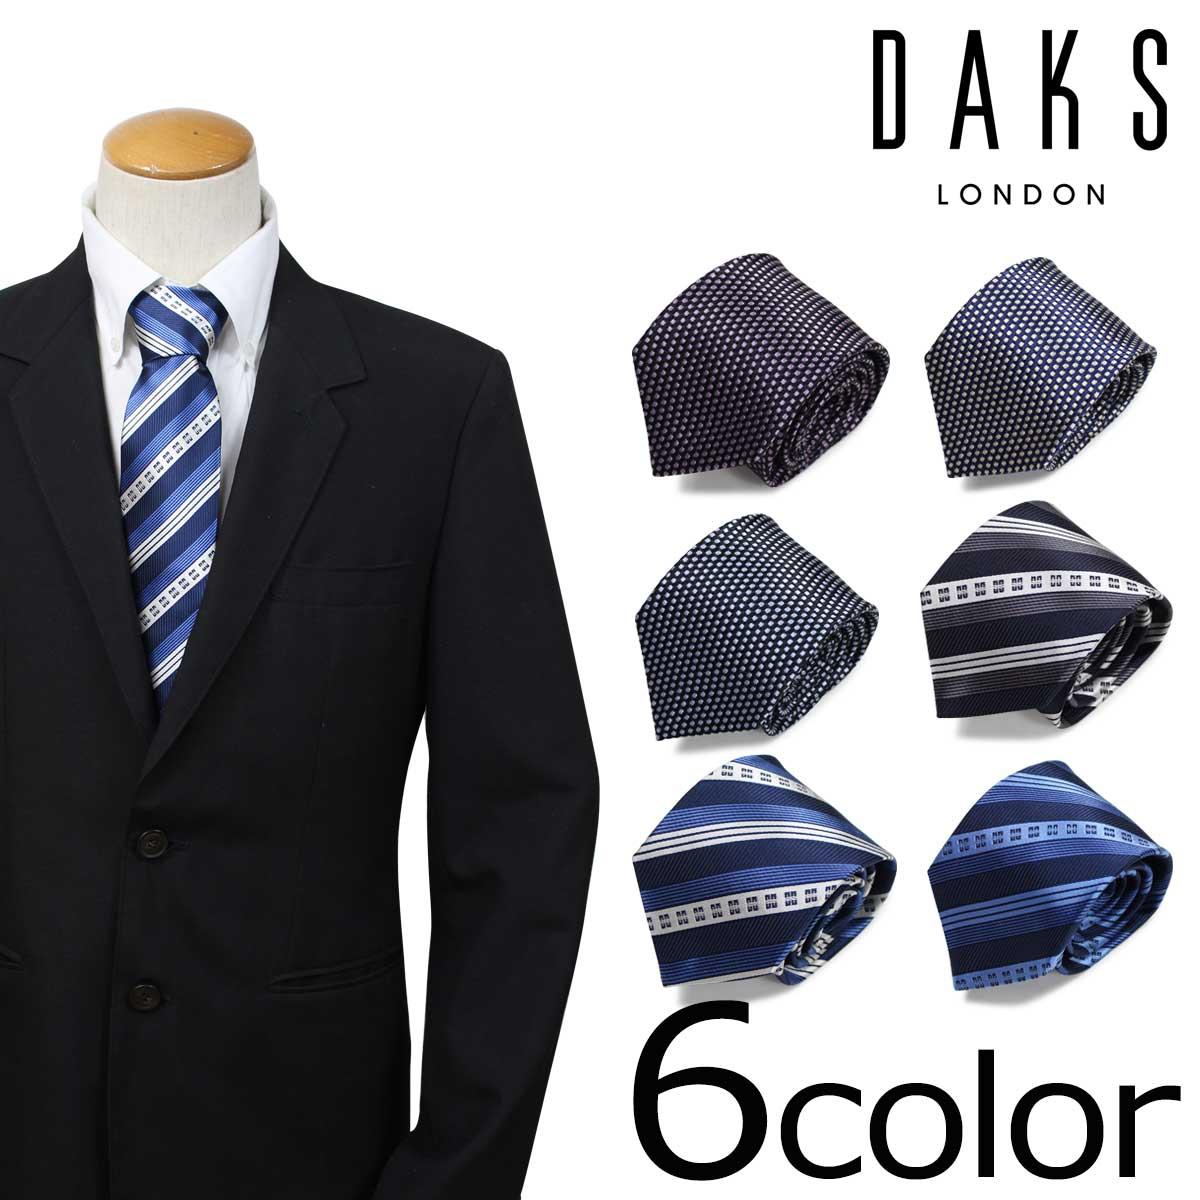 ダックス DAKS ネクタイ イタリア製 シルク ビジネス 結婚式 メンズ